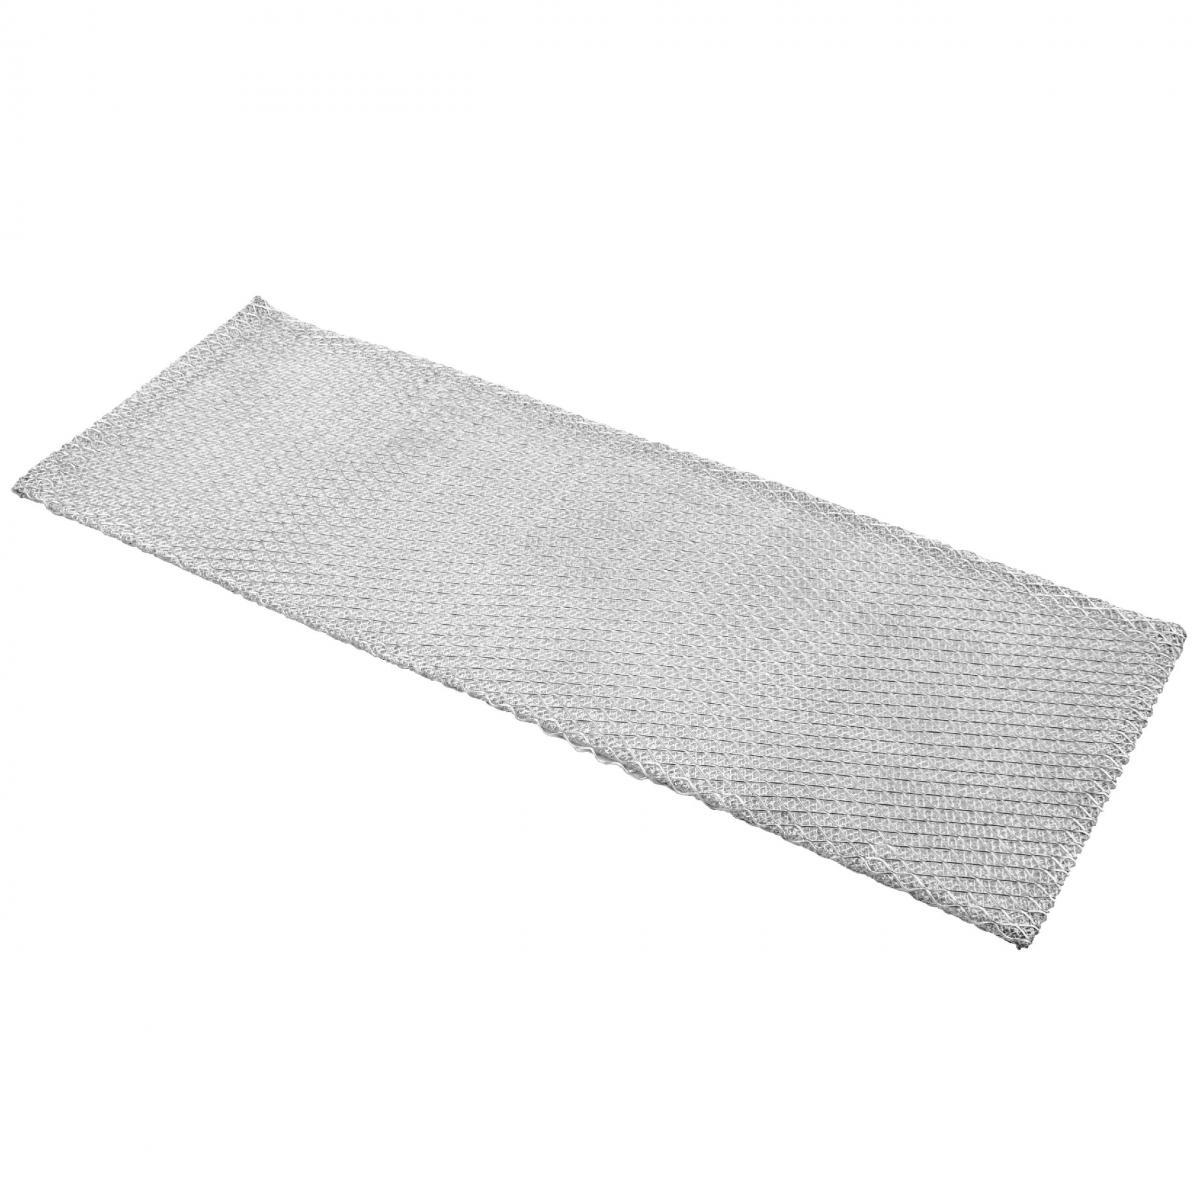 Vhbw vhbw Filtrepermanent filtre à graisse métallique 45,2 x 16 x 0,35 cm convient pour Bauknecht DNI 2263 857402312000 hotte